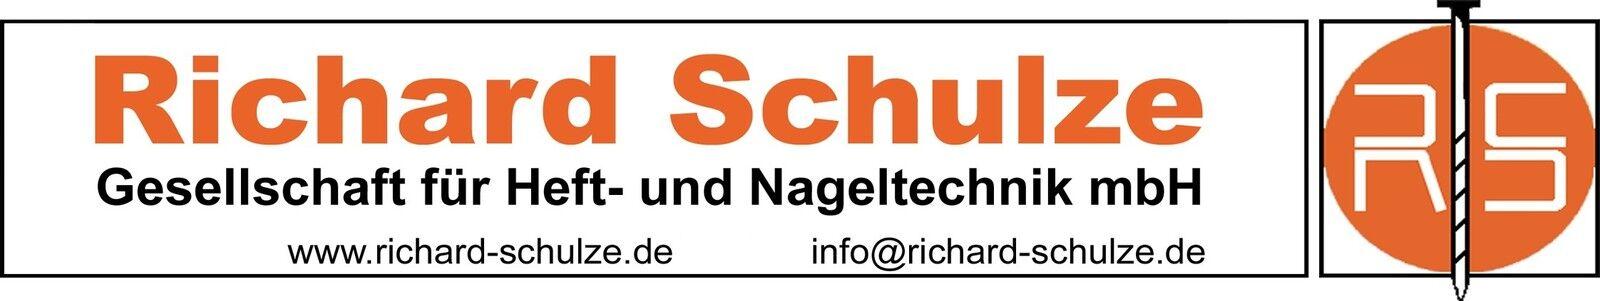 rschulze-shop2007